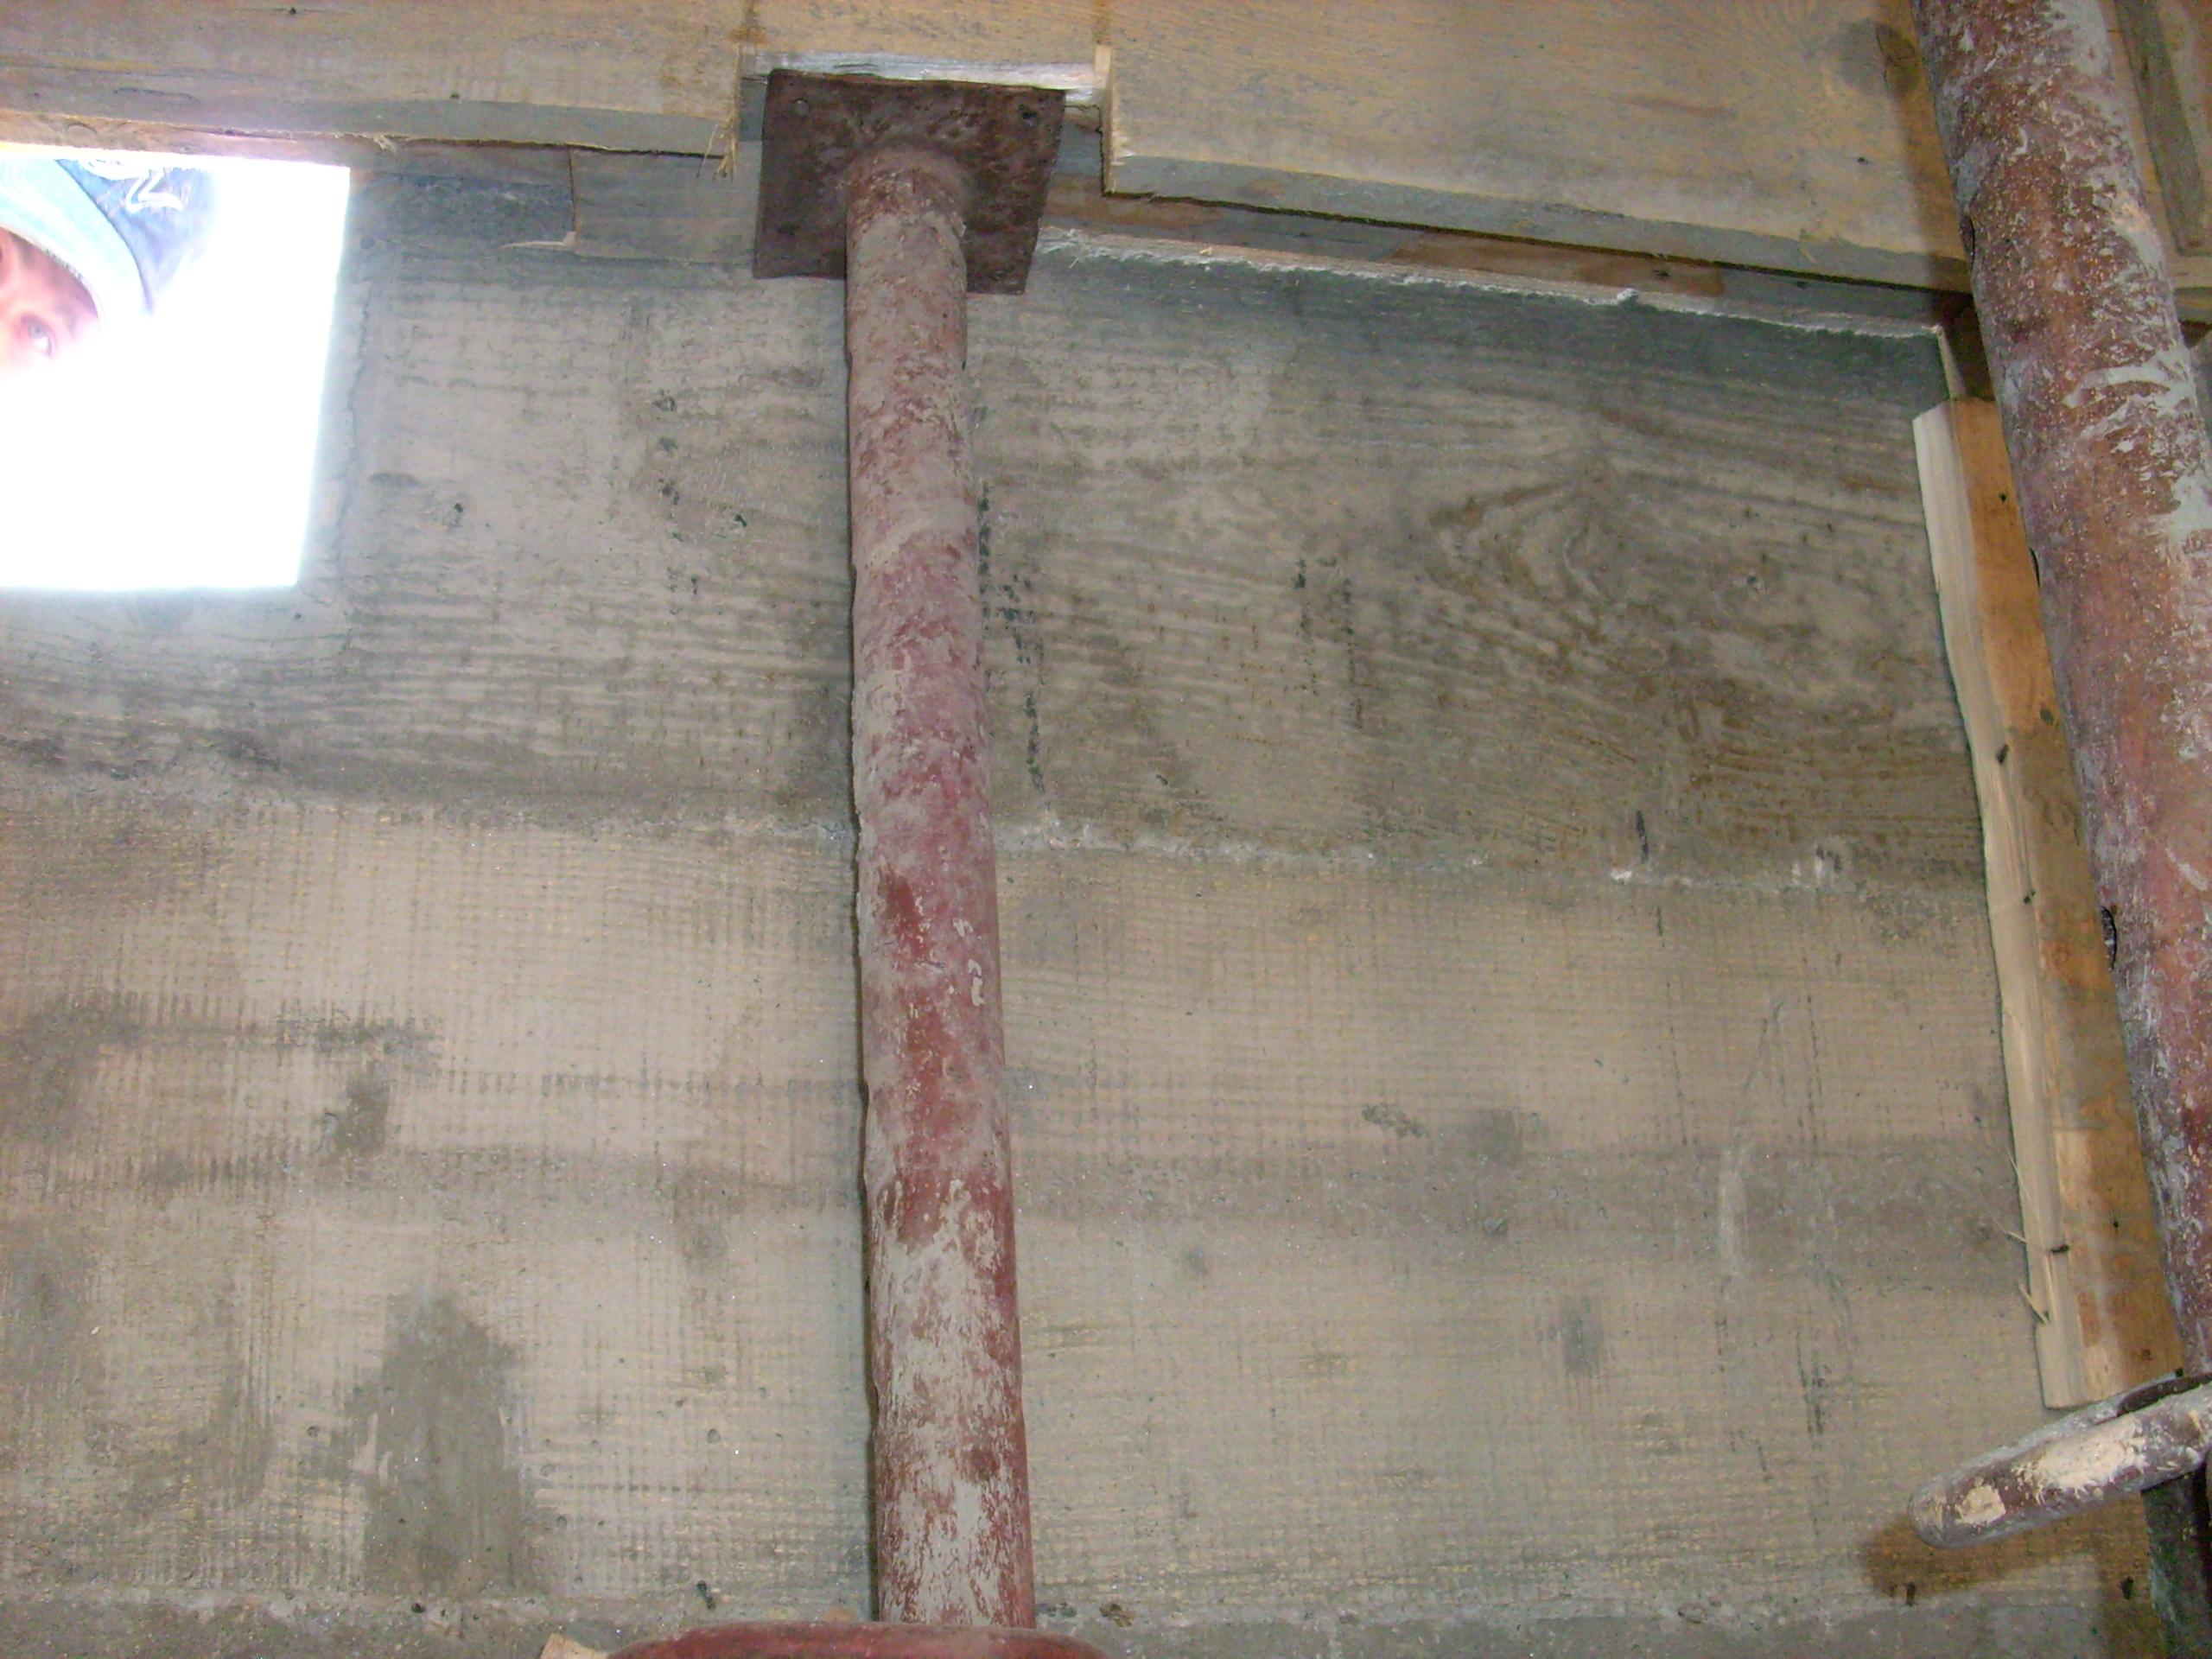 Aditiv in beton - Vila persoana privata - Bucuresti Sector 4 UNICO PROFIT - Poza 3